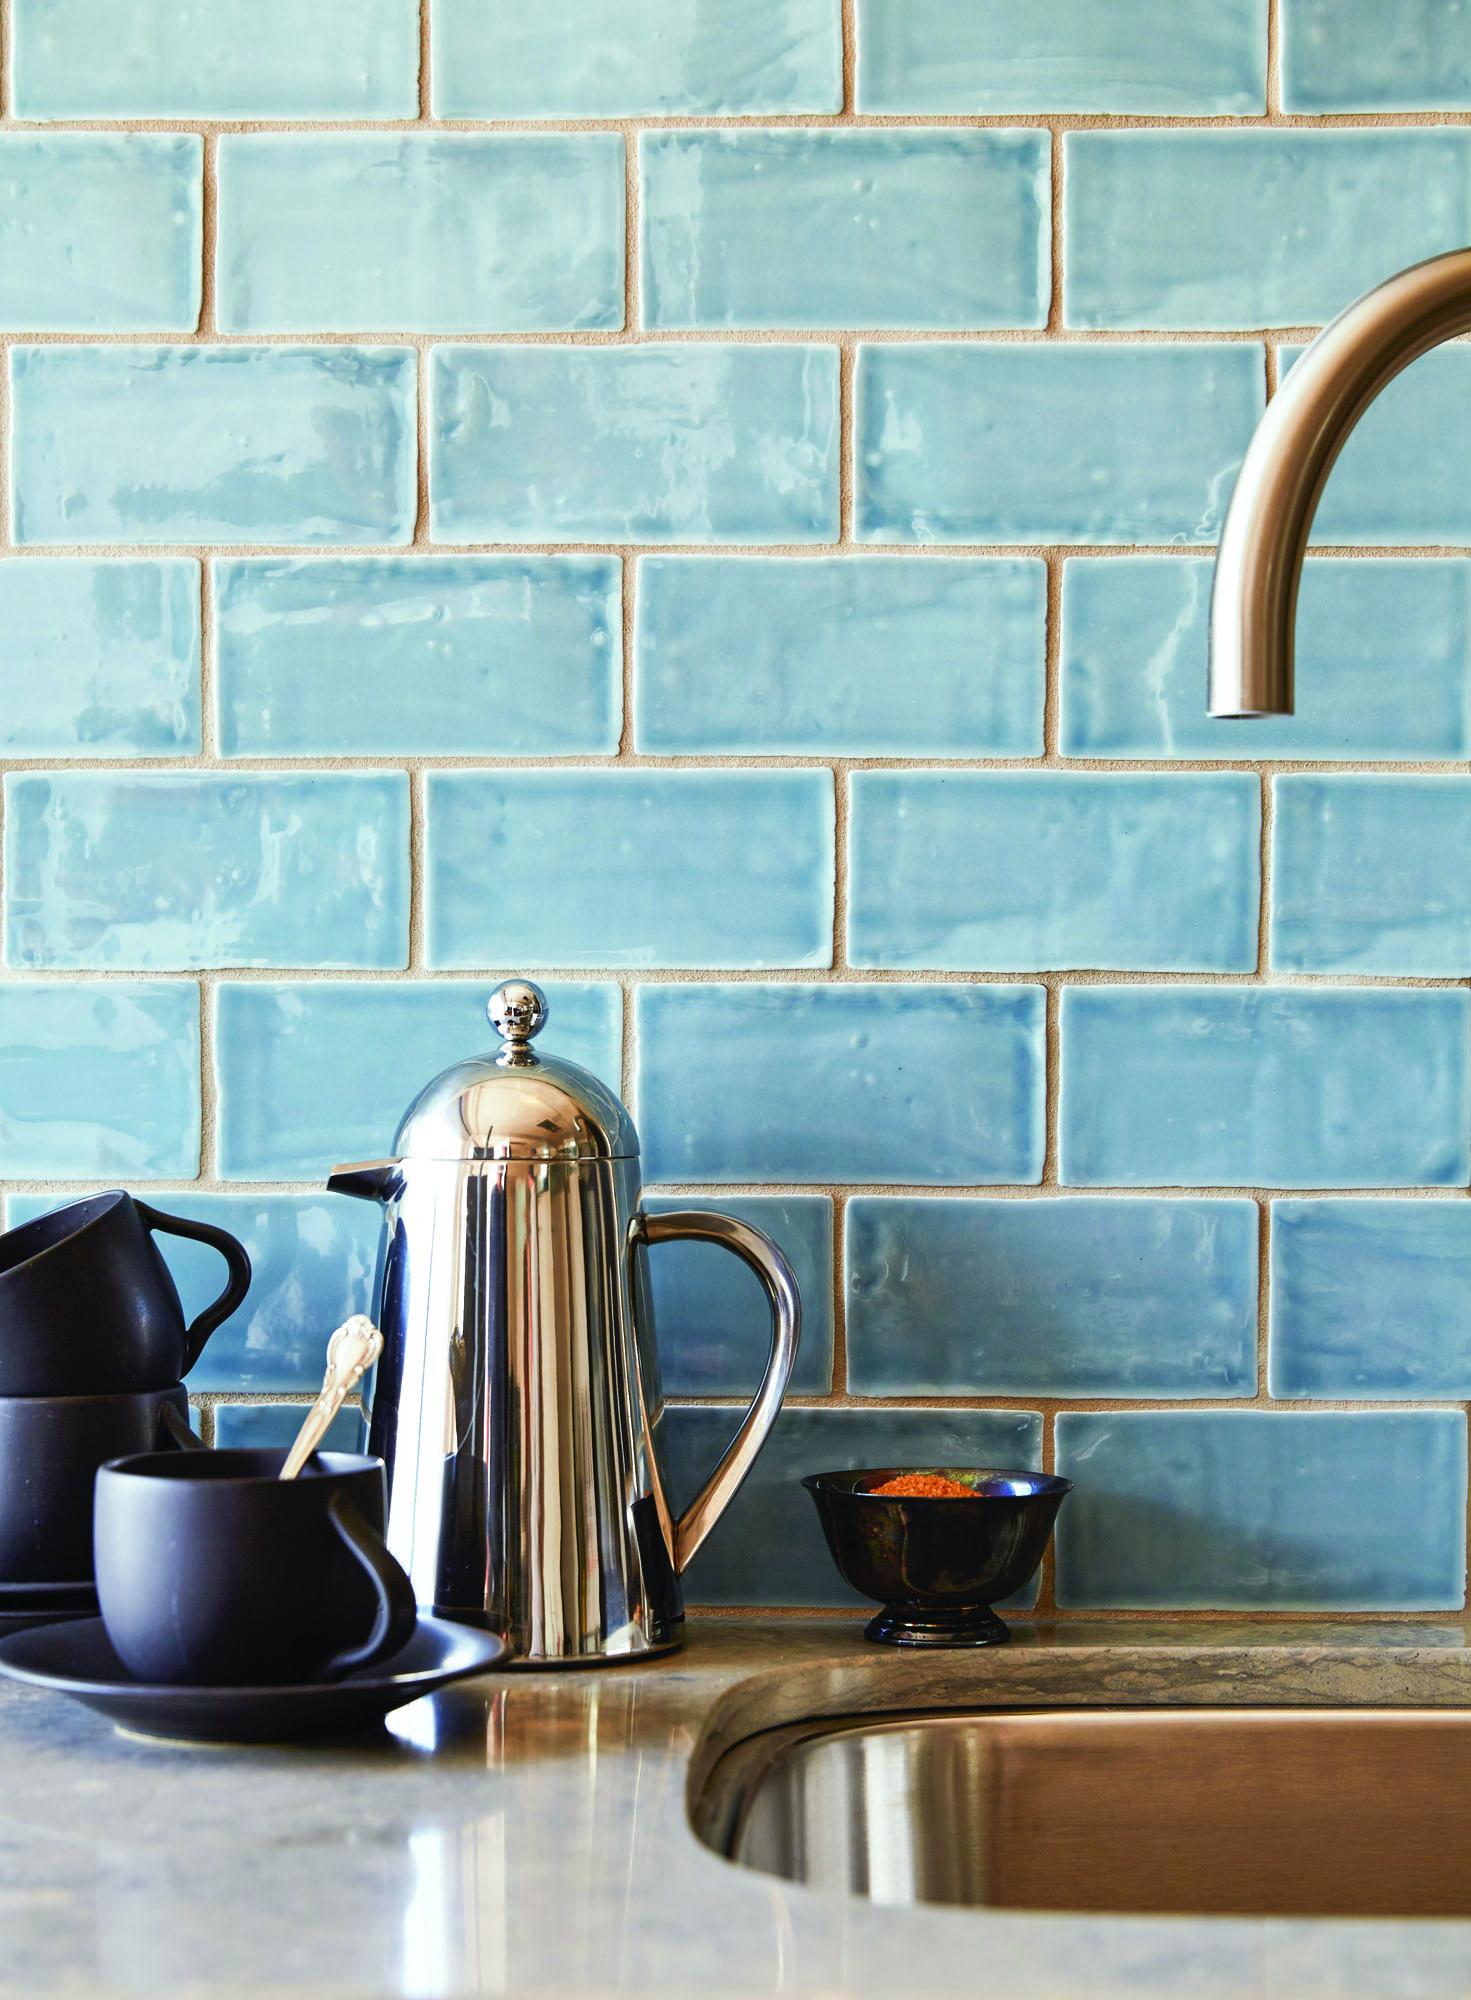 Cafe Water Glow tiles from Walker Zanger.